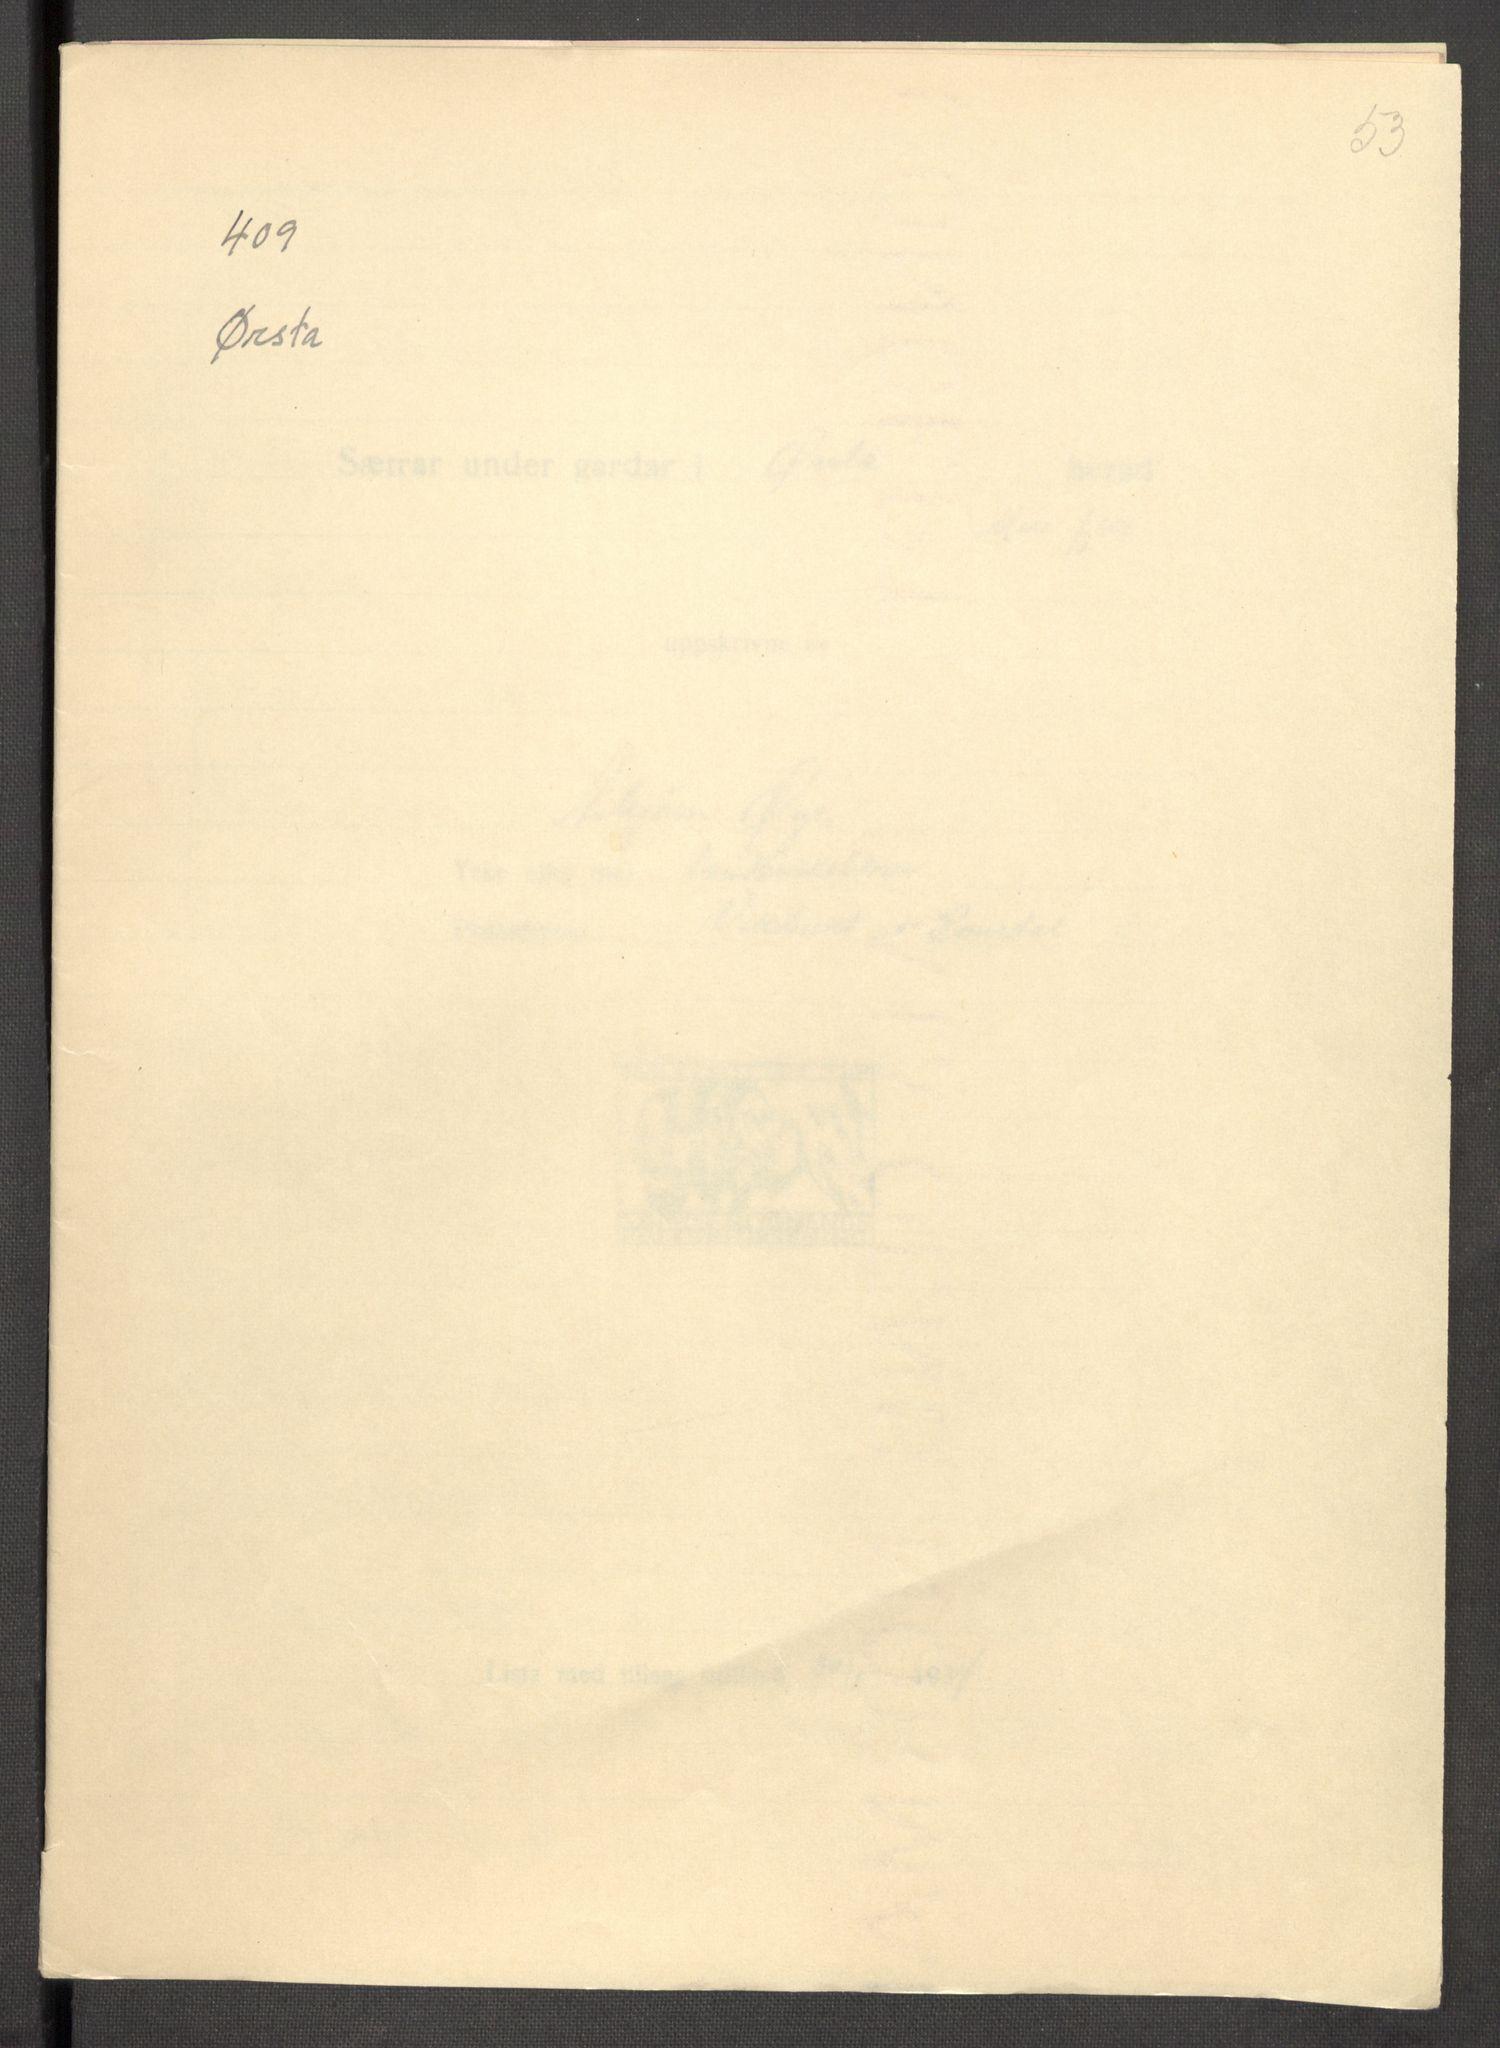 RA, Instituttet for sammenlignende kulturforskning, F/Fc/L0012: Eske B12:, 1934-1936, s. 53